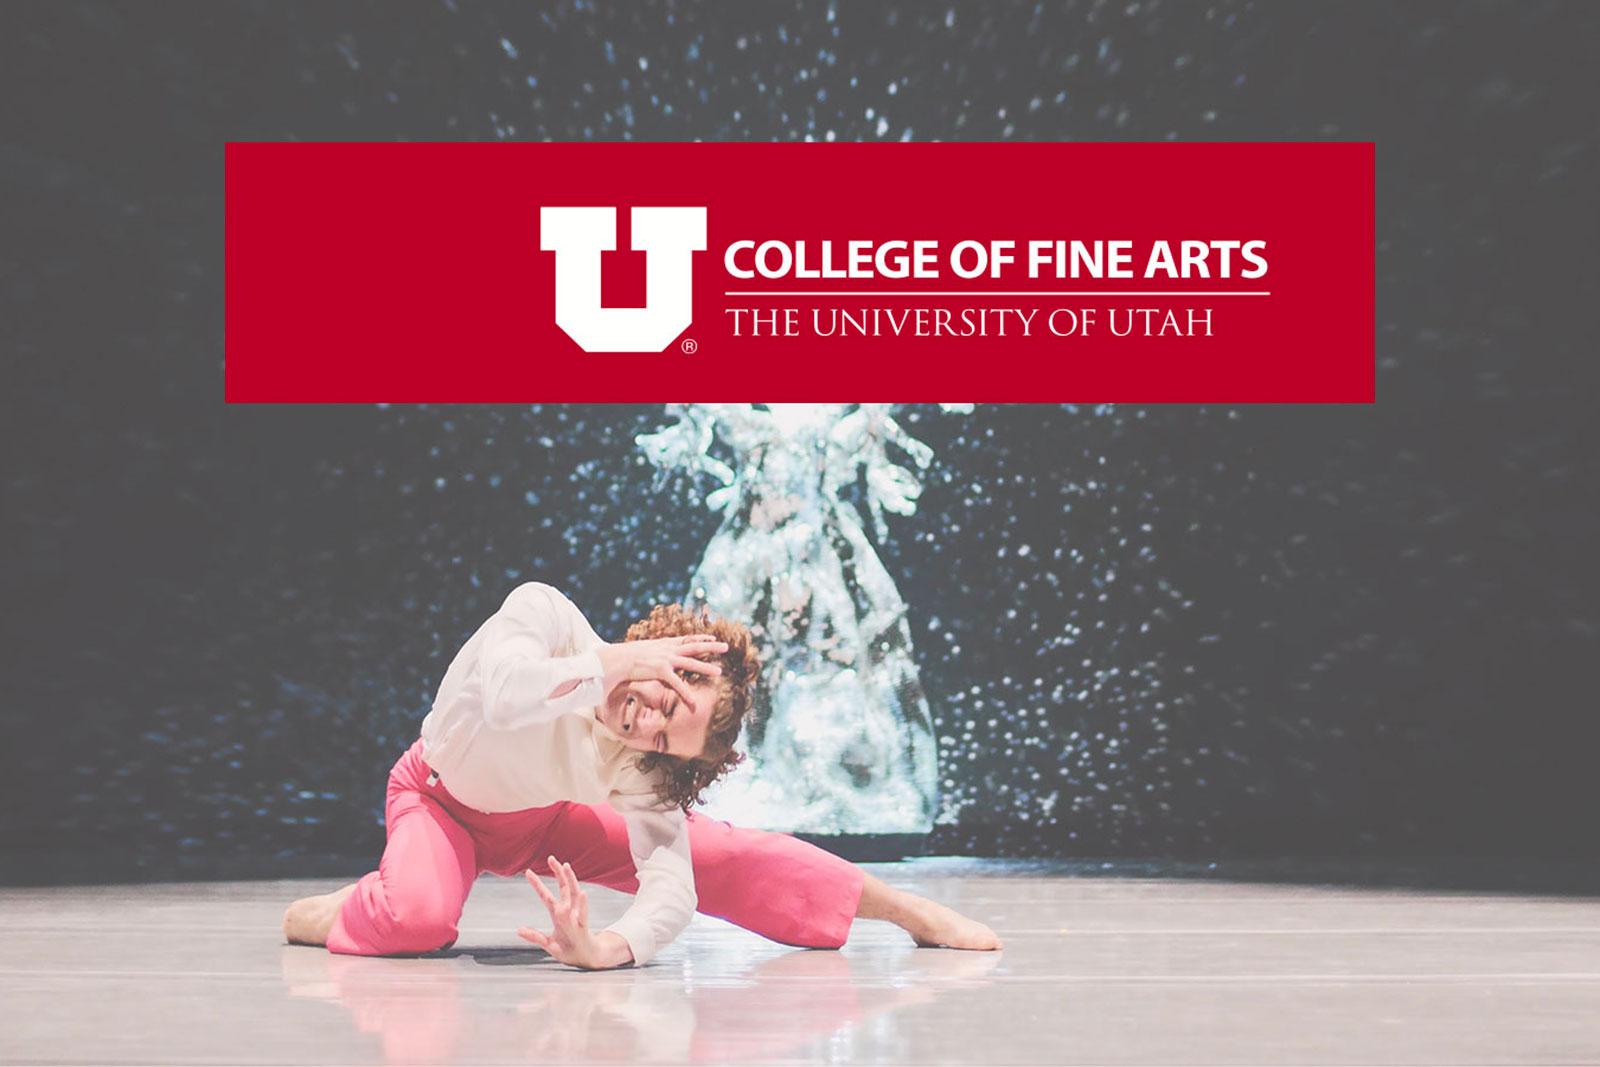 Third Sun   Utah Web Design and Branding - University of Utah